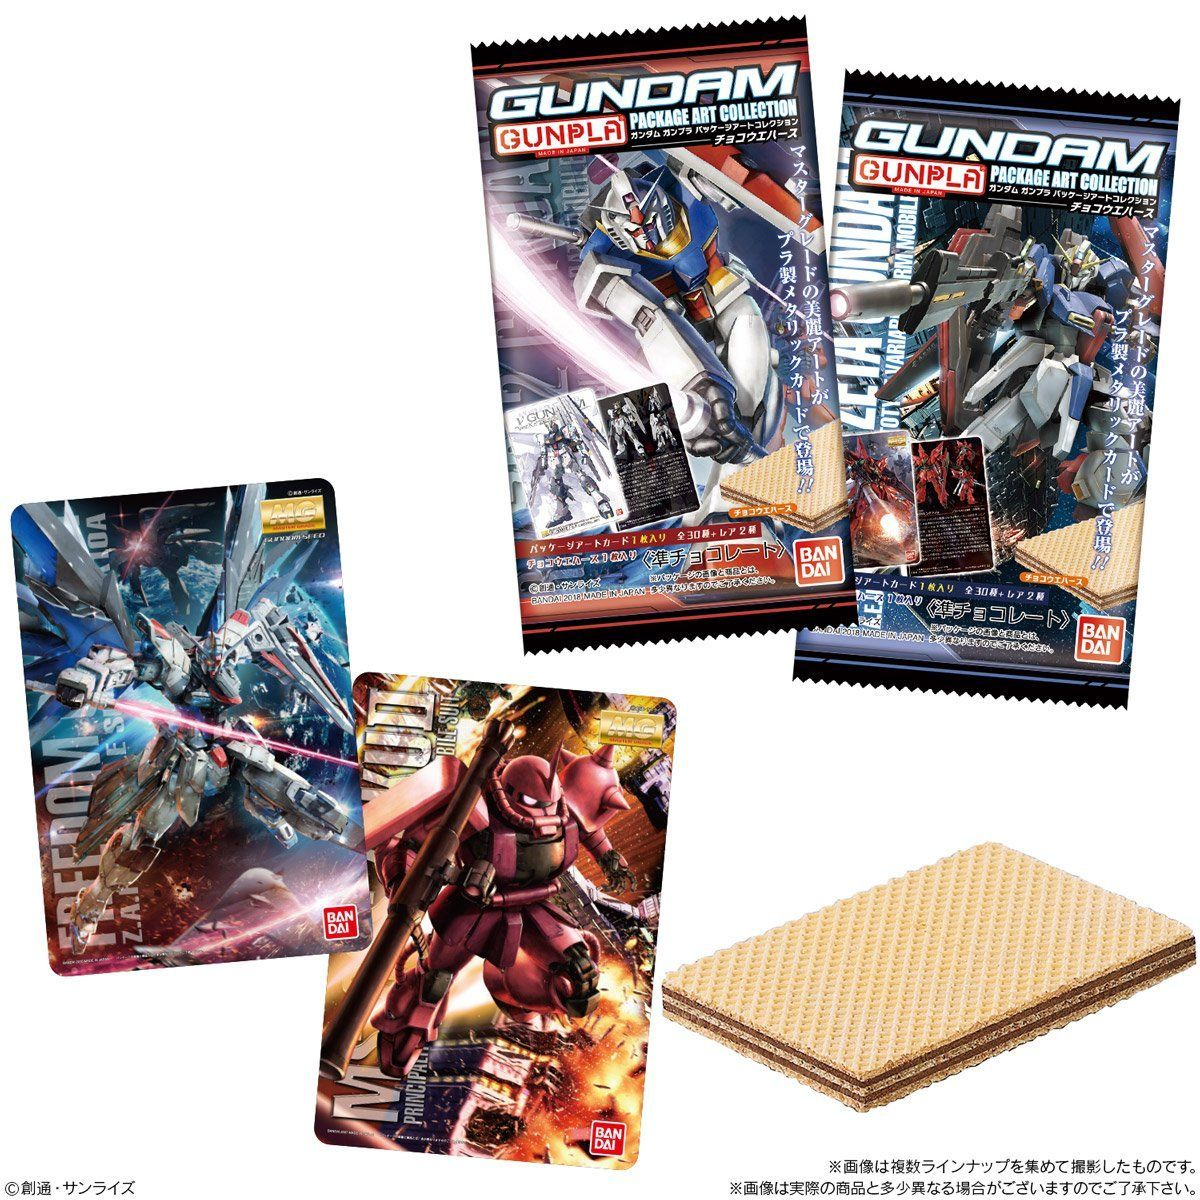 【食玩】『GUNDAMガンプラ パッケージアートコレクション チョコウエハース』20個入りBOX-003